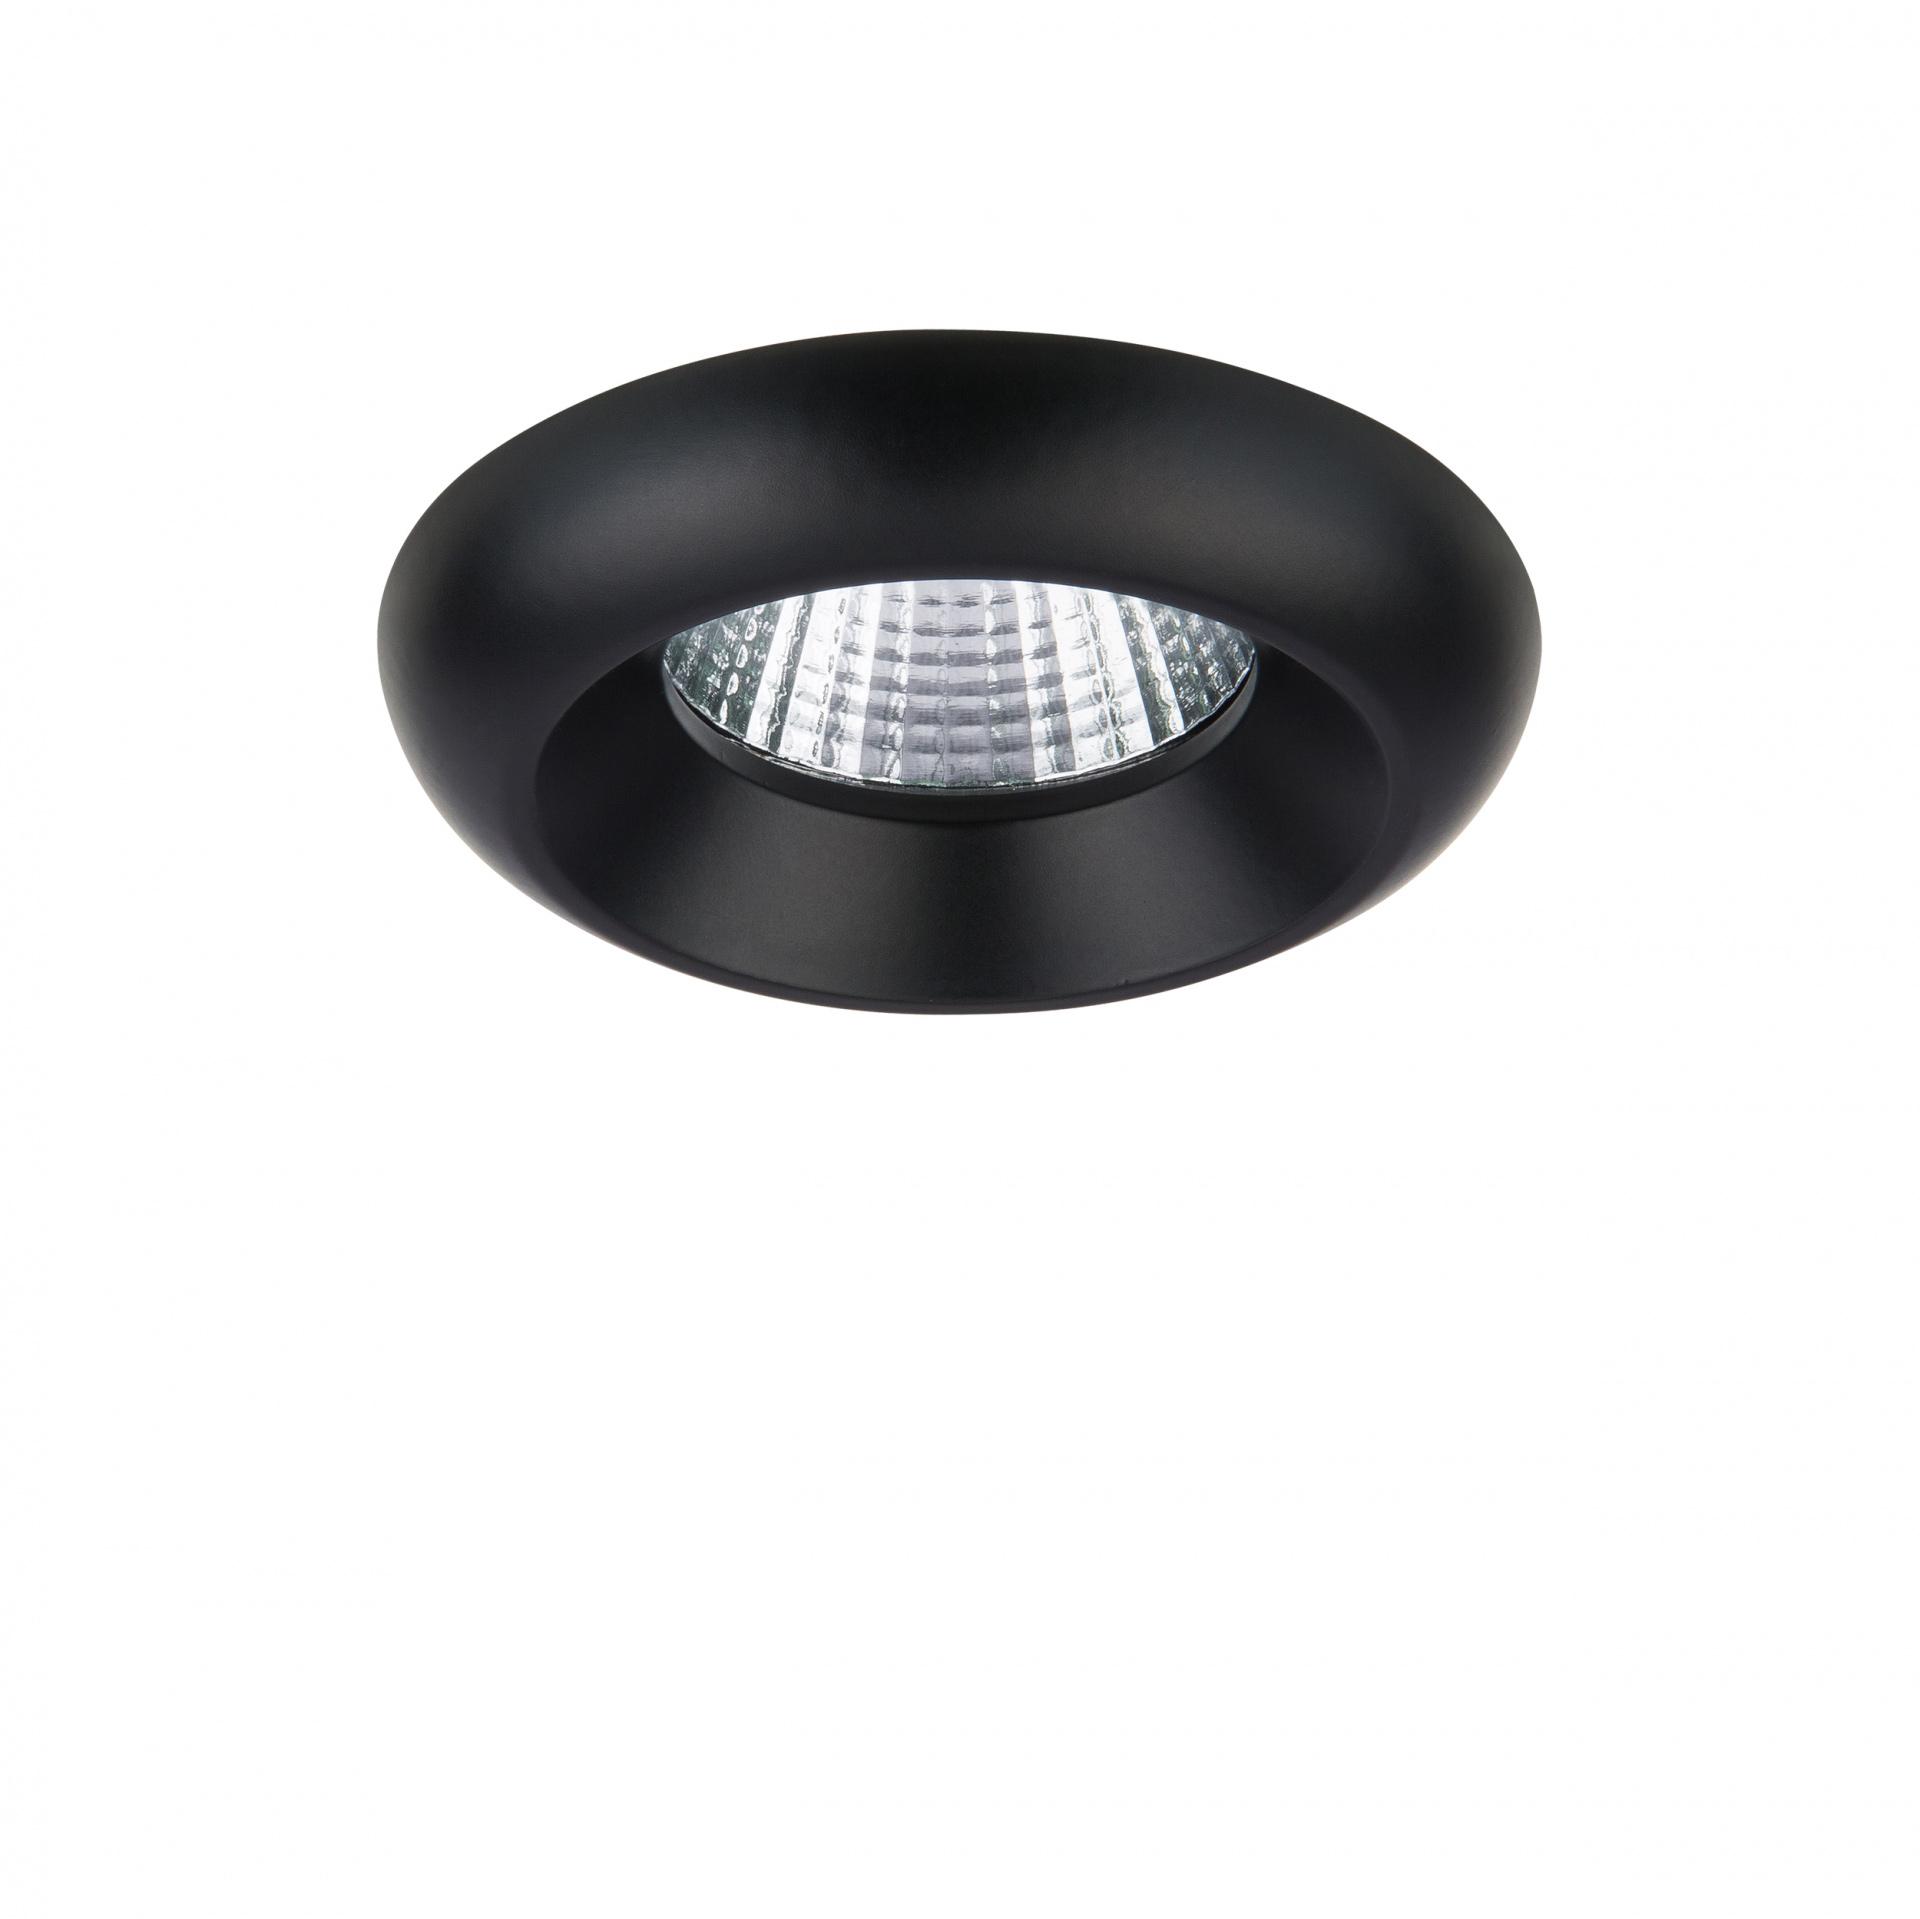 Светильник Monde LED 7W 560LM 50G черный 3000K Lightstar 071077, купить в СПб, Москве, с доставкой, Санкт-Петербург, интернет-магазин люстр и светильников Starlight, фото в жизни